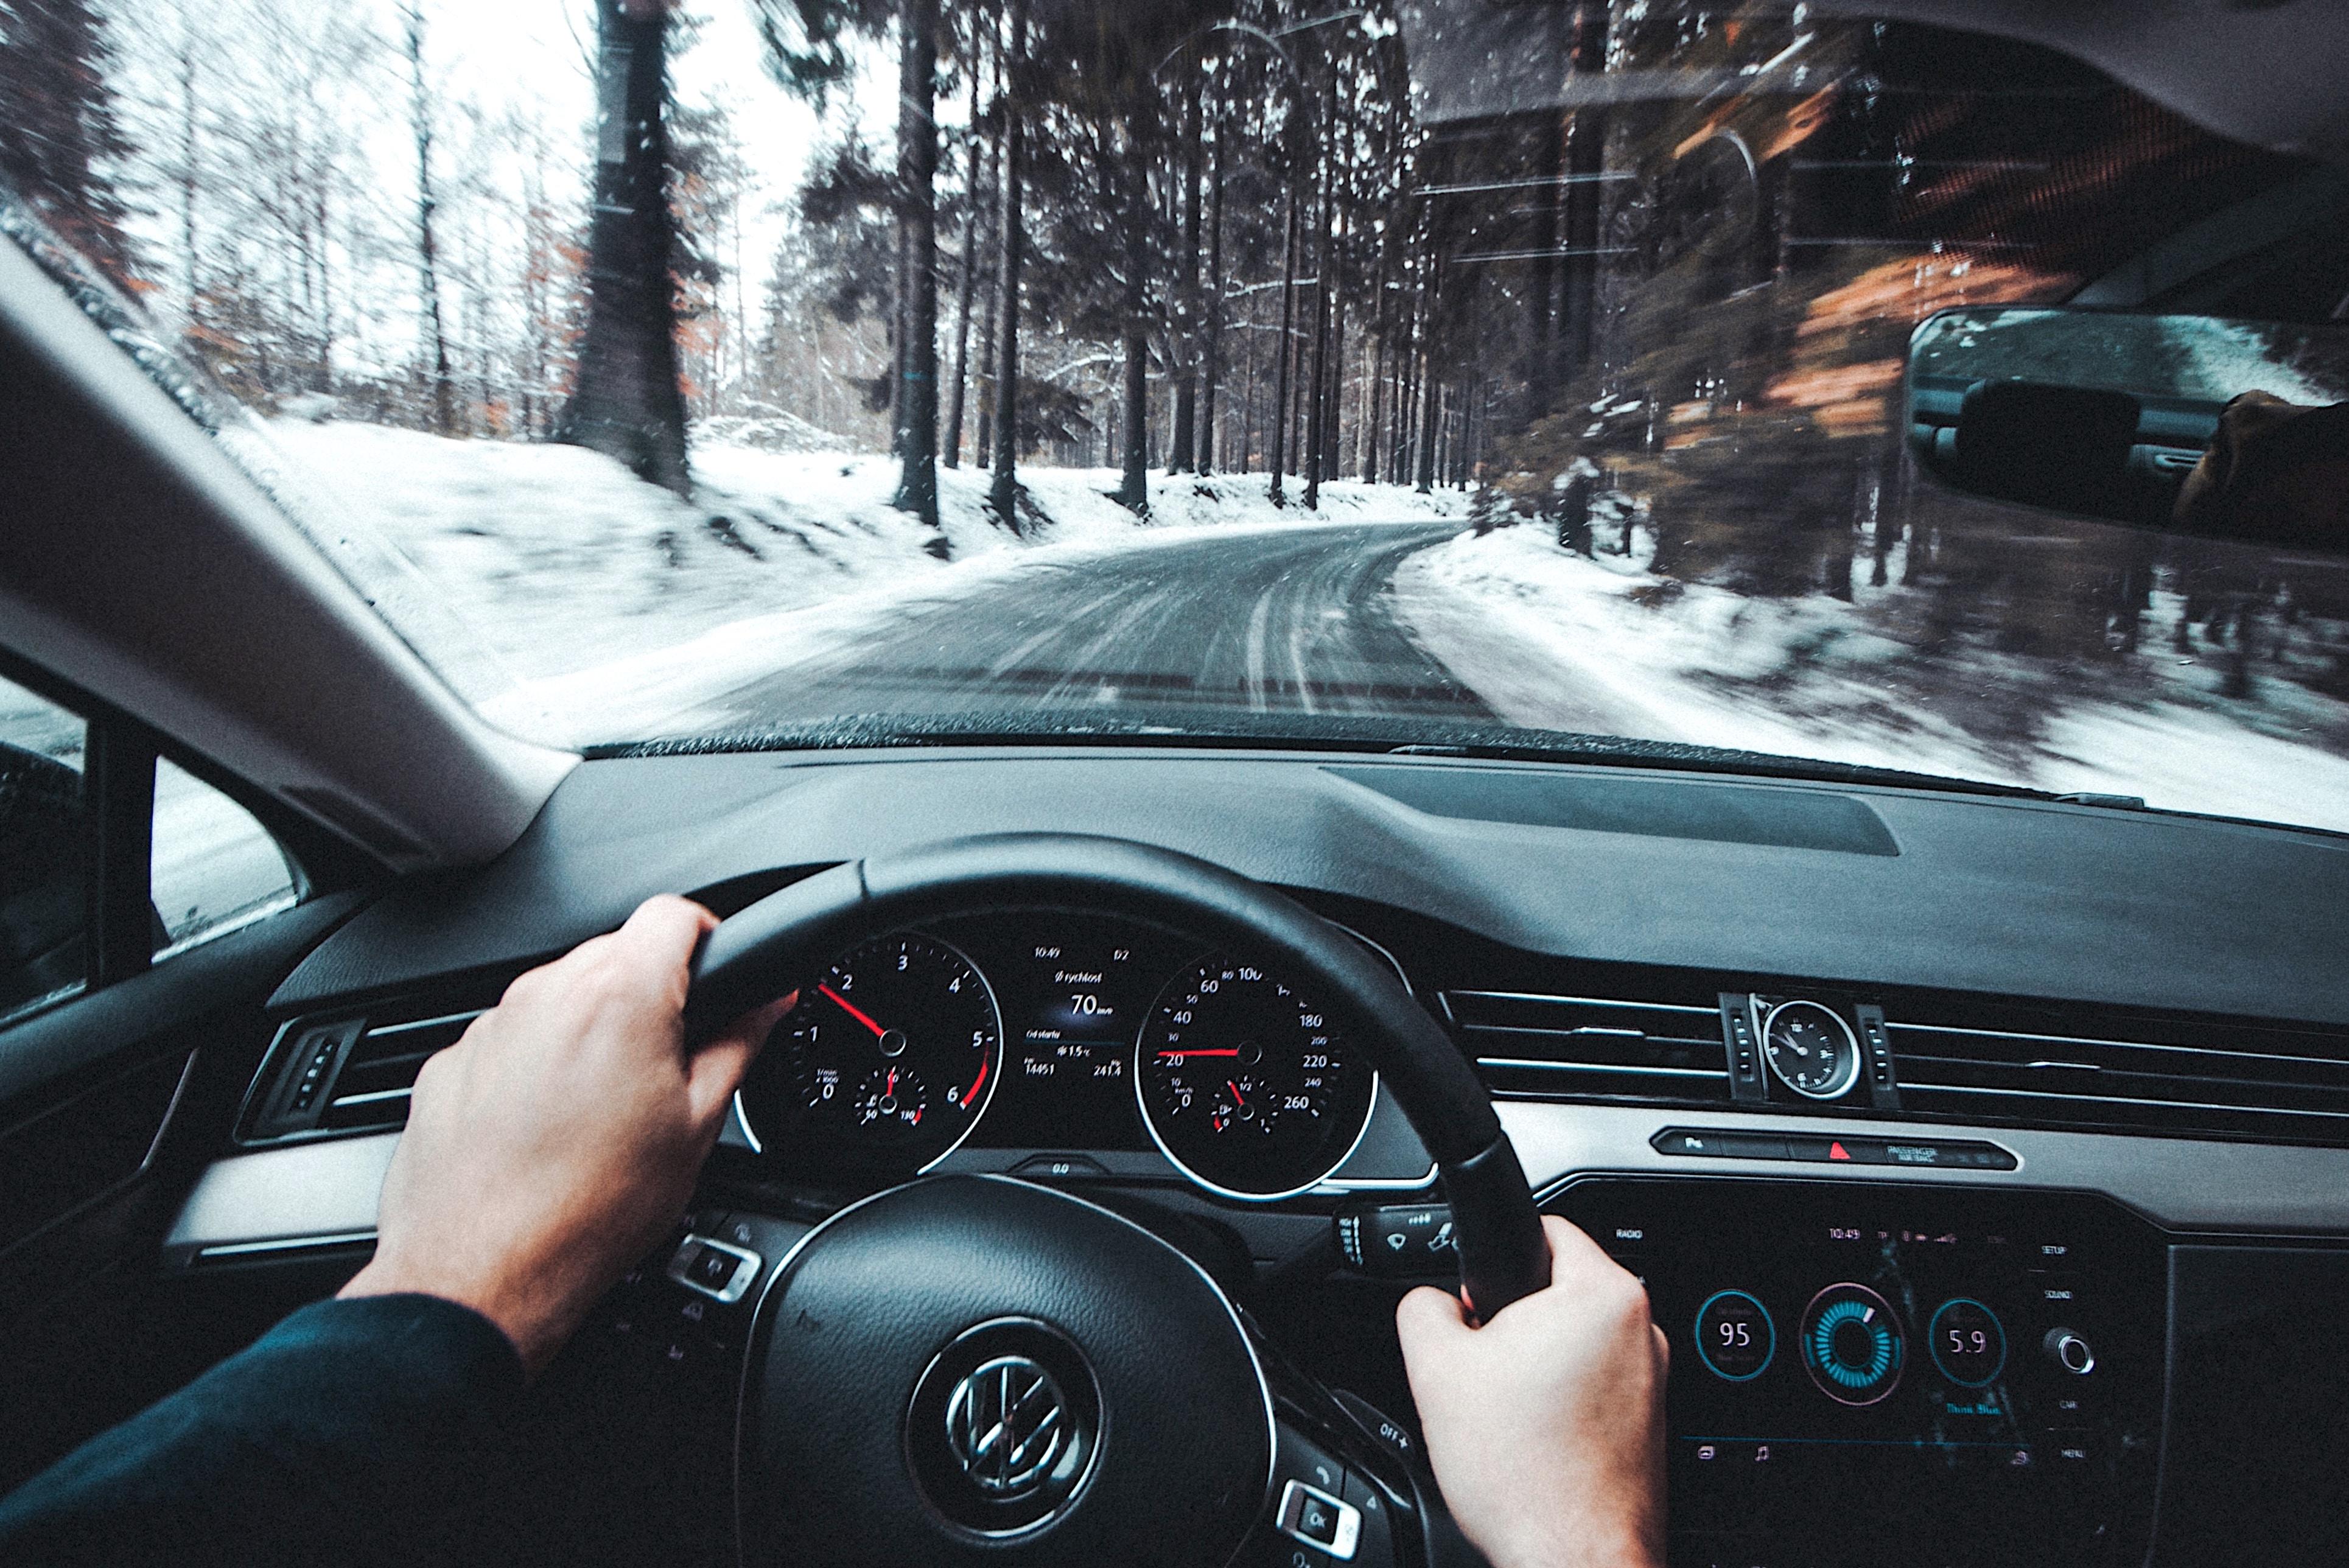 Auto fahren nach Weihnachtsfeier Alkoholtest